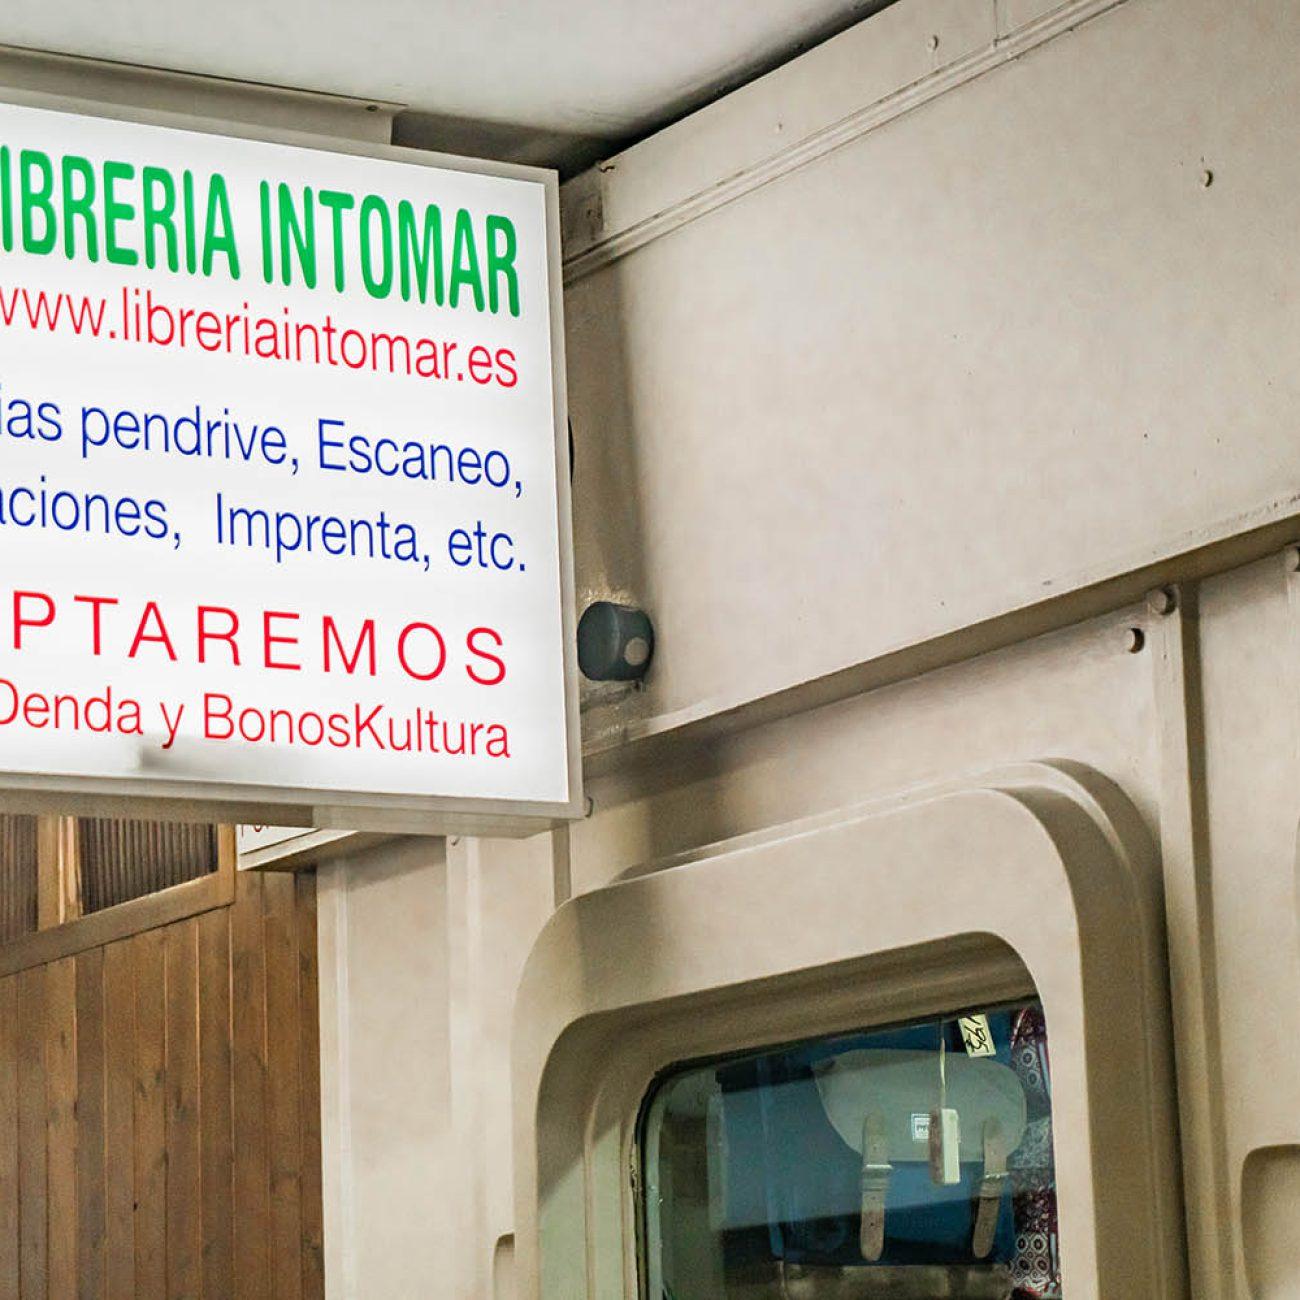 LIBRERIA INTOMAR EN BILBAO